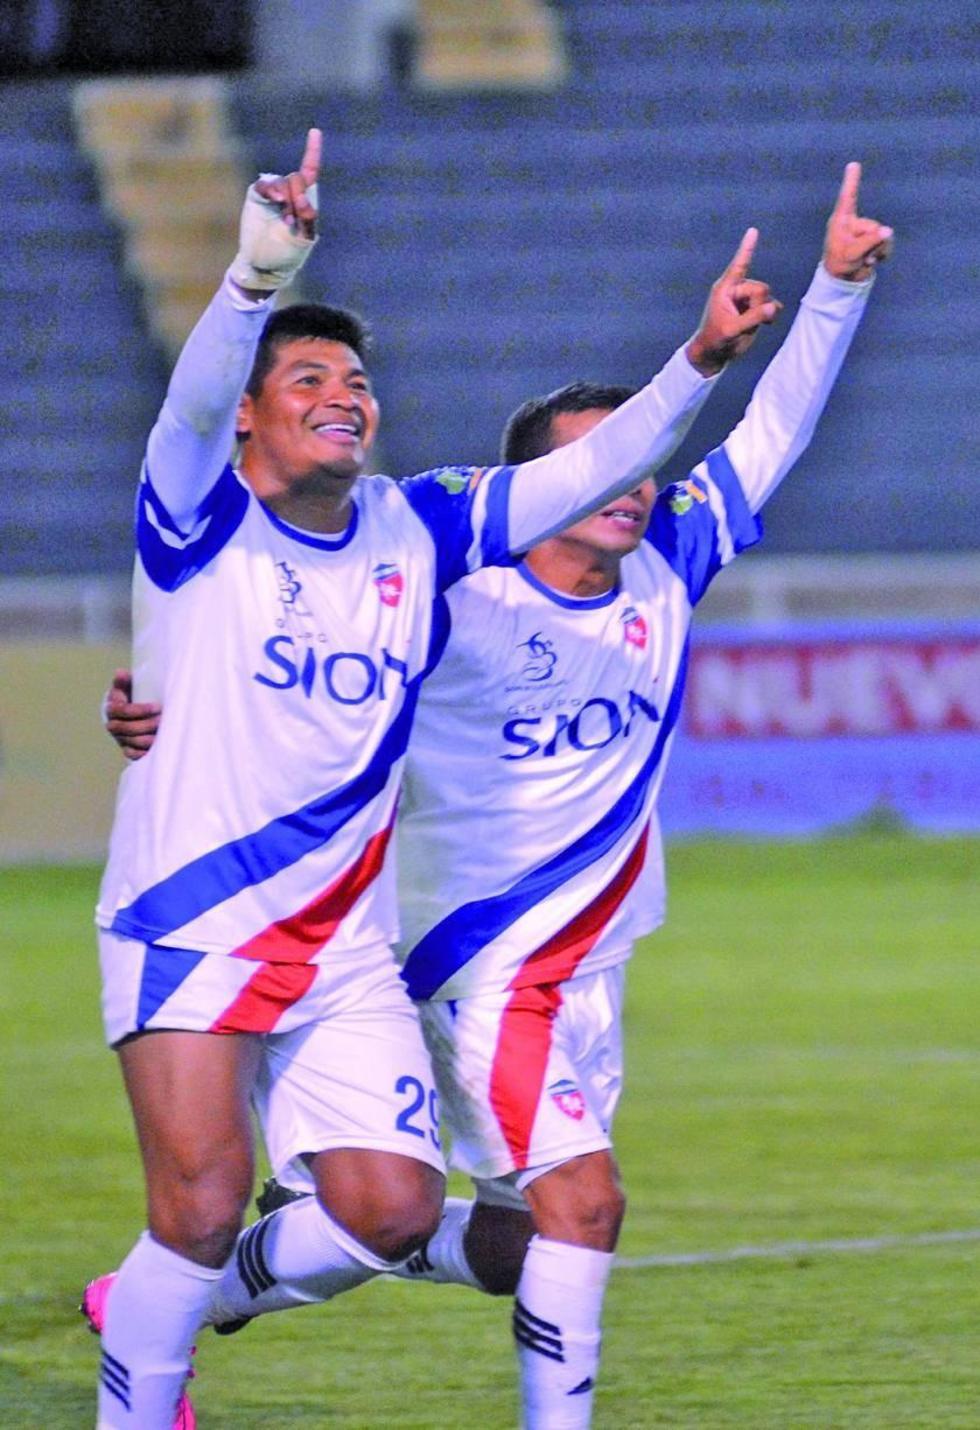 Royal Pari asciende a la división profesional del fútbol boliviano